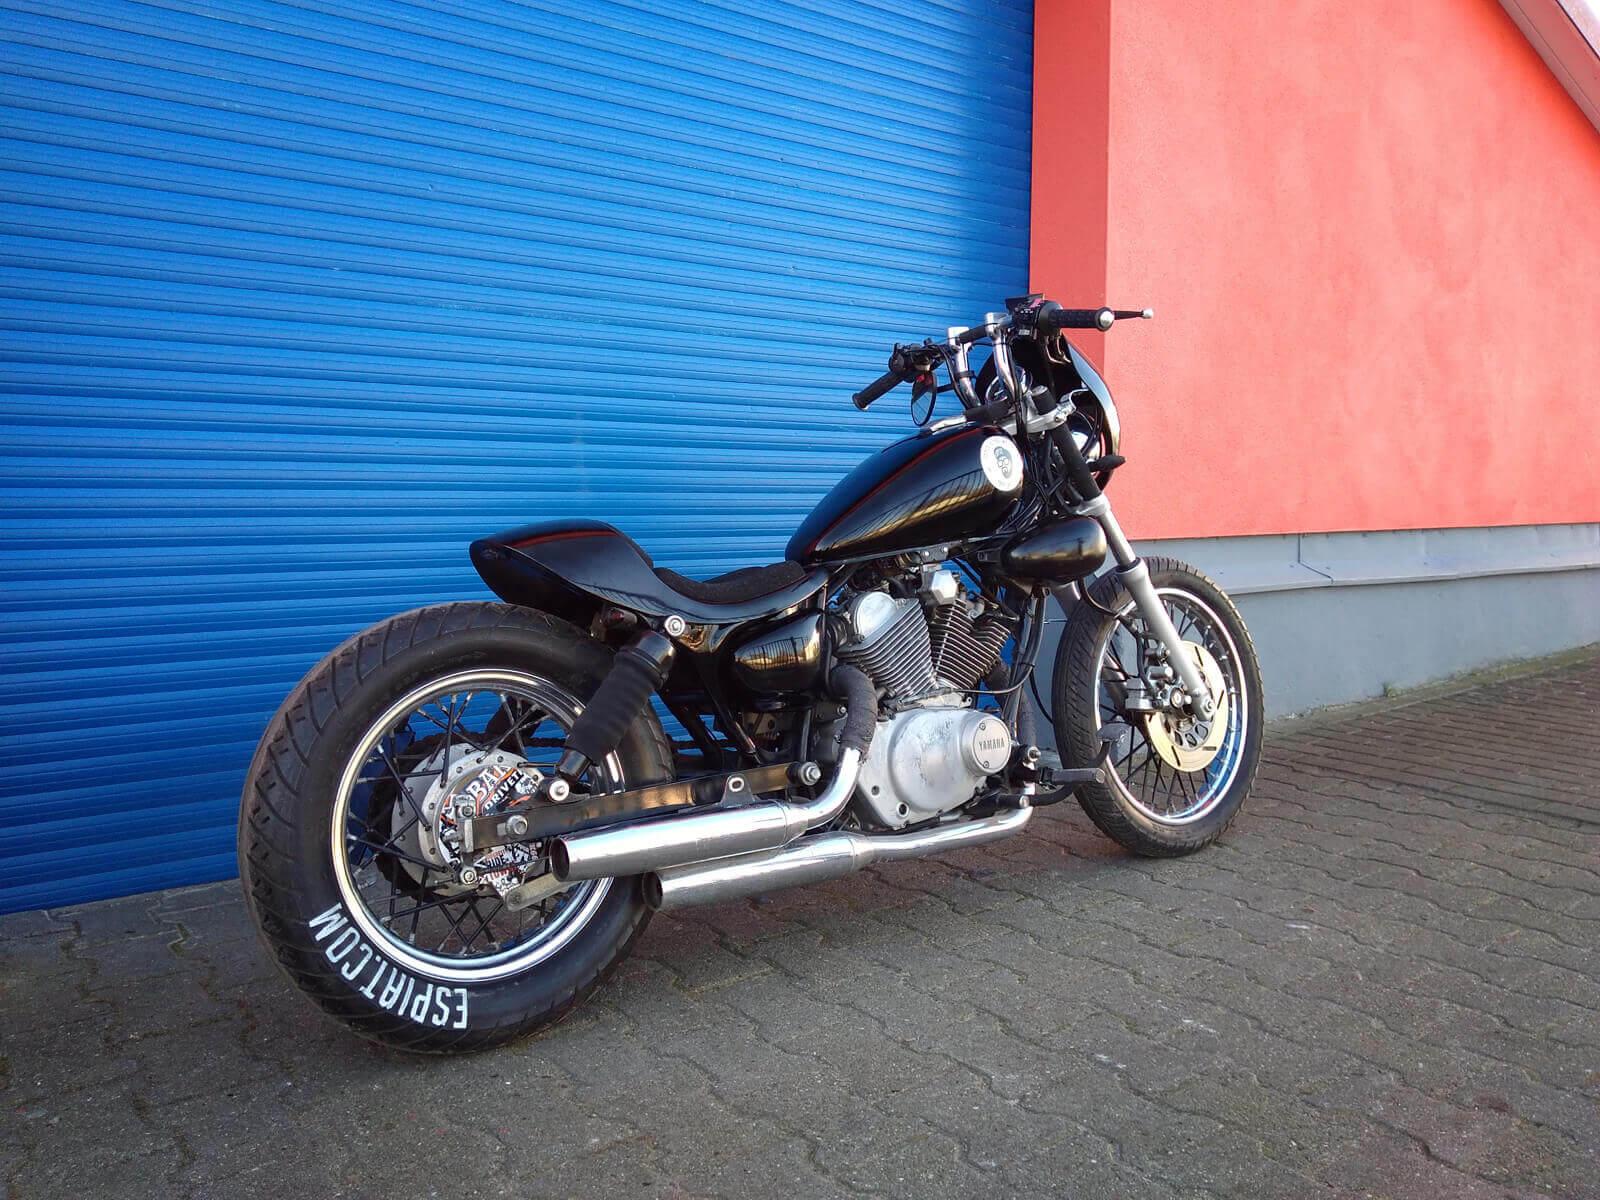 Yamaha xv250 und xv250 cafe bobber umbau espiat